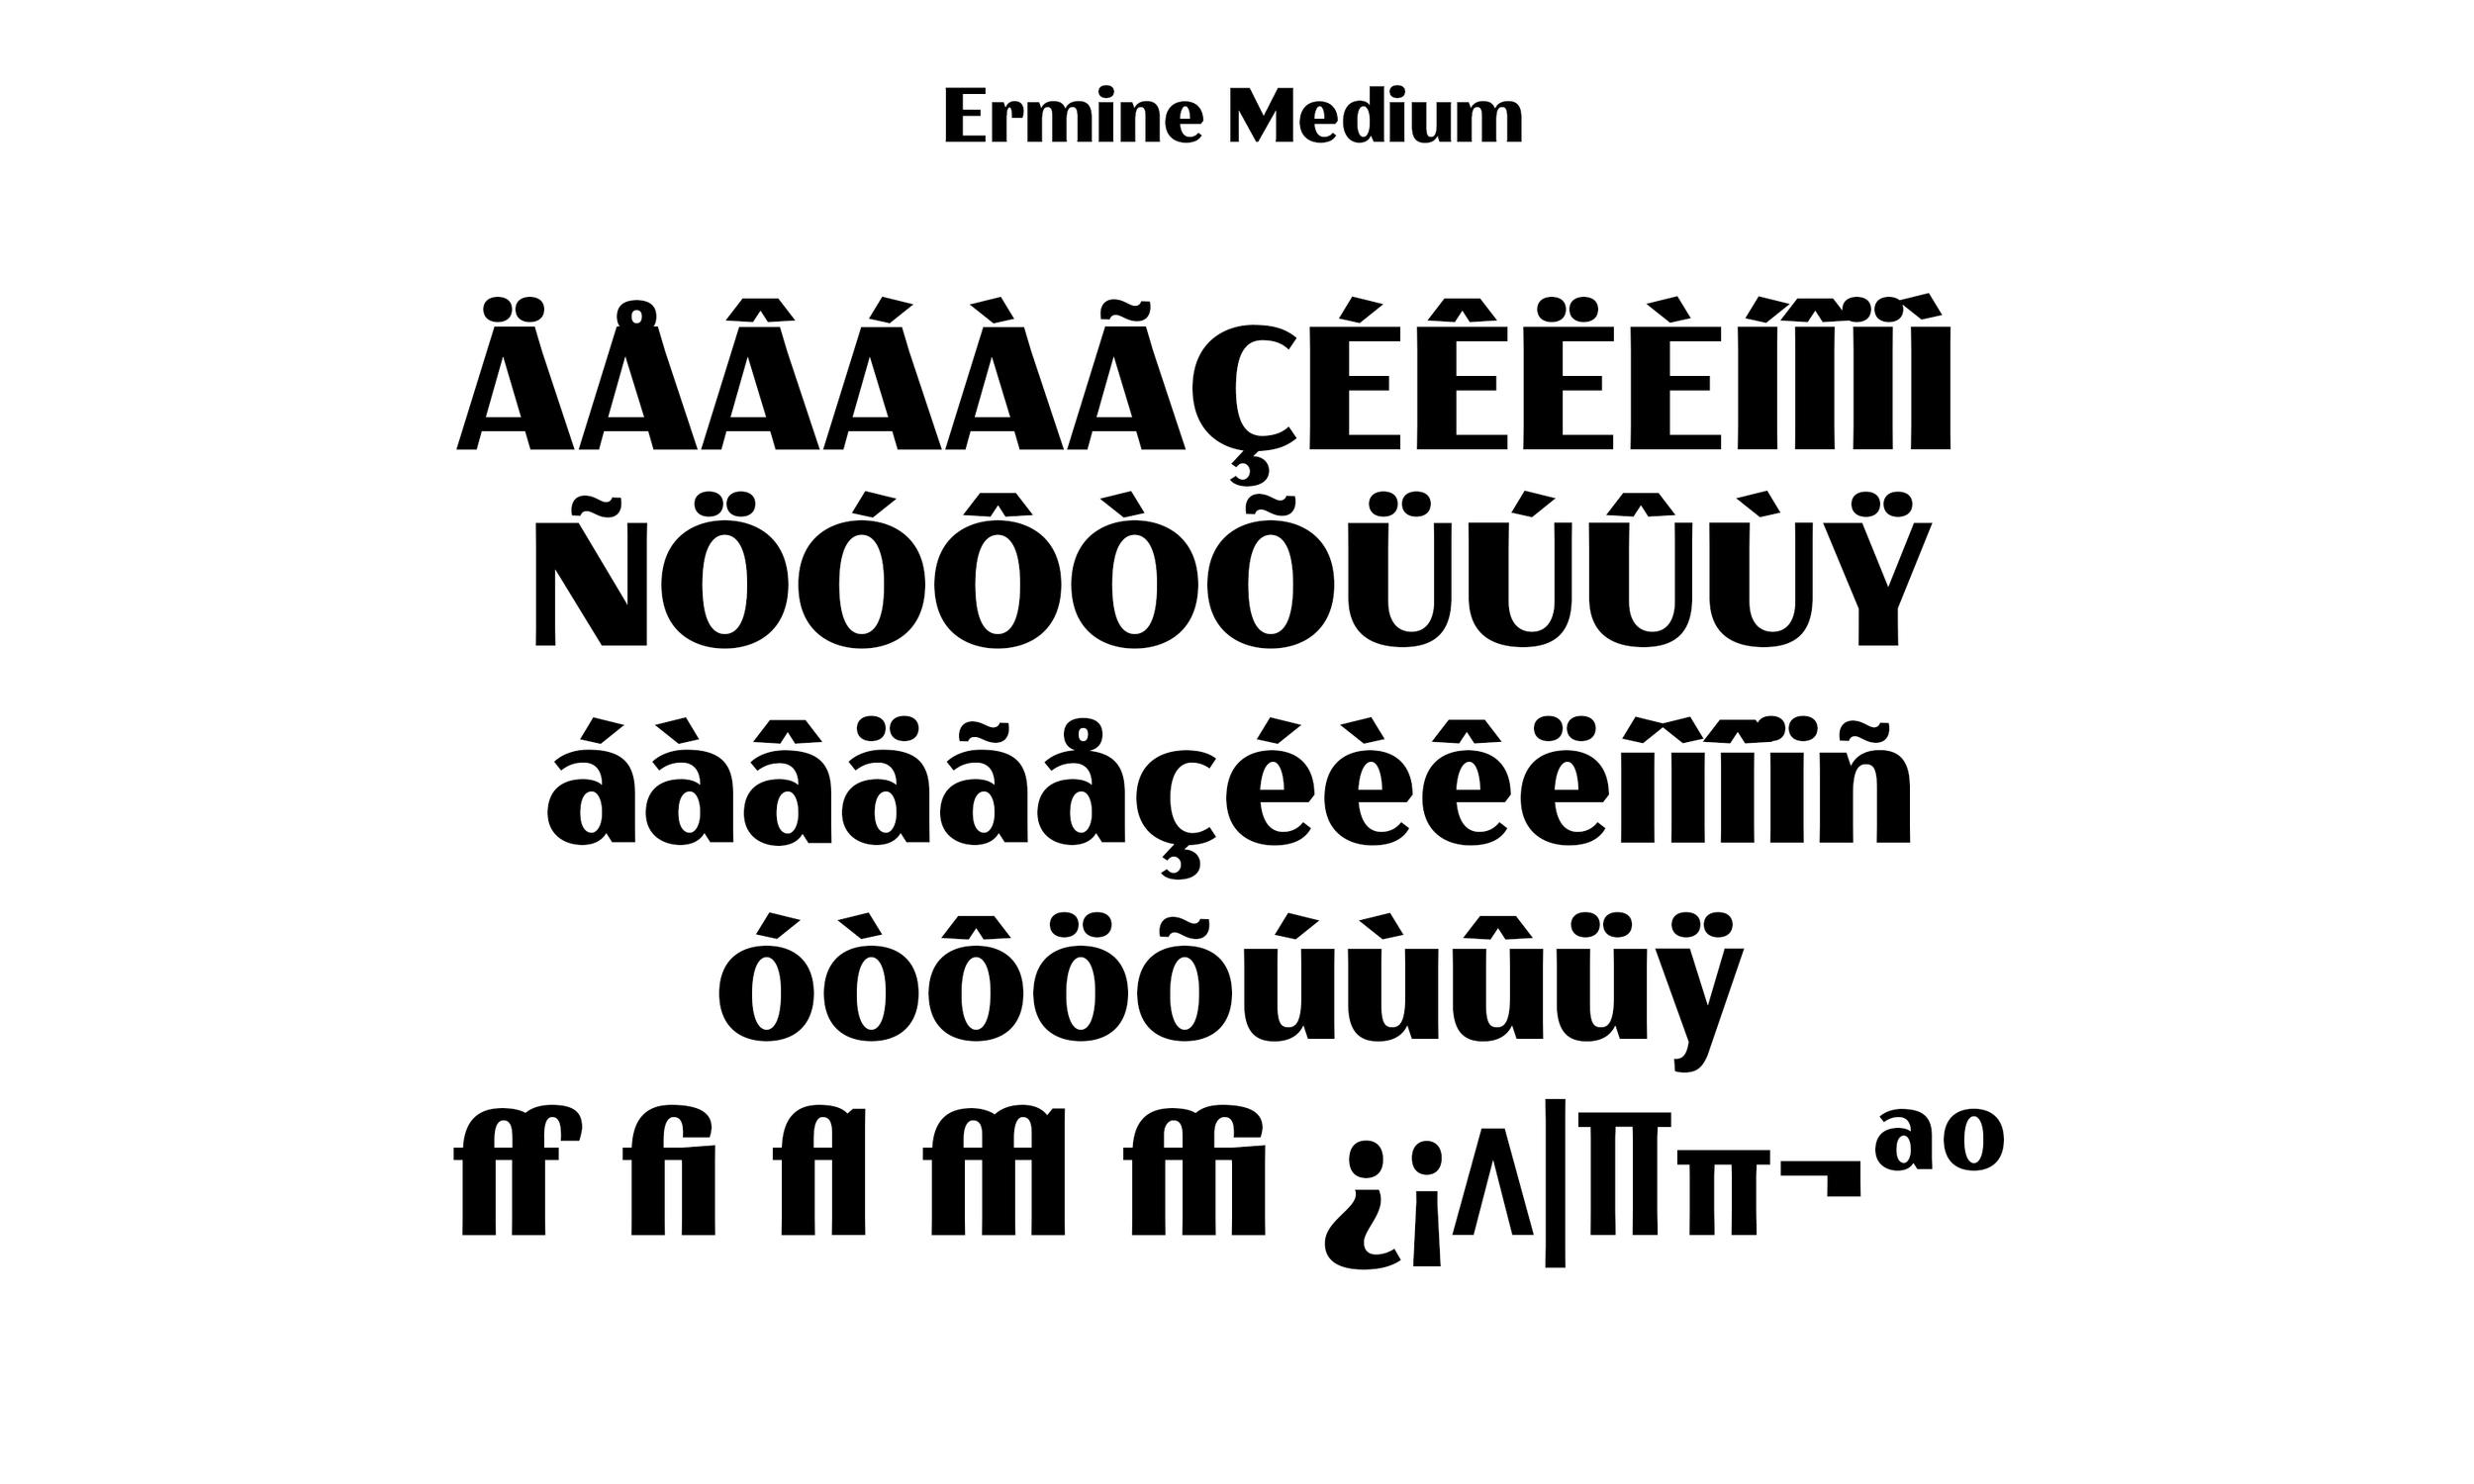 Badson_ErmineMedium_Slides6.jpg